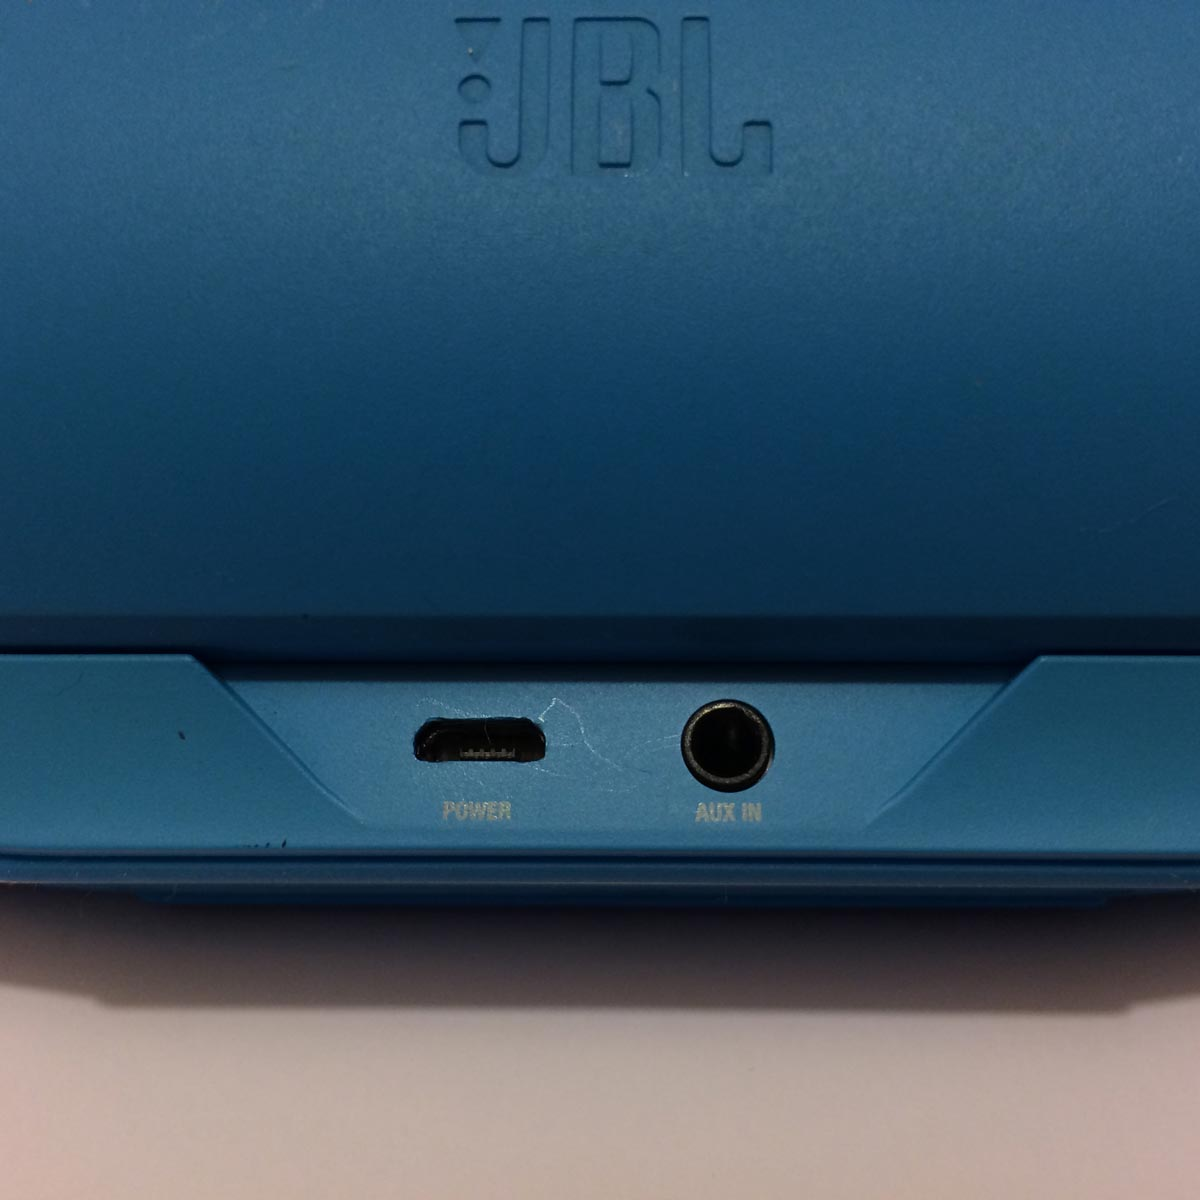 L'enceinte Bluetooth JBL Charge : les prises micro USB et jack audio à l'arrière. Ph. Moctar KANE.